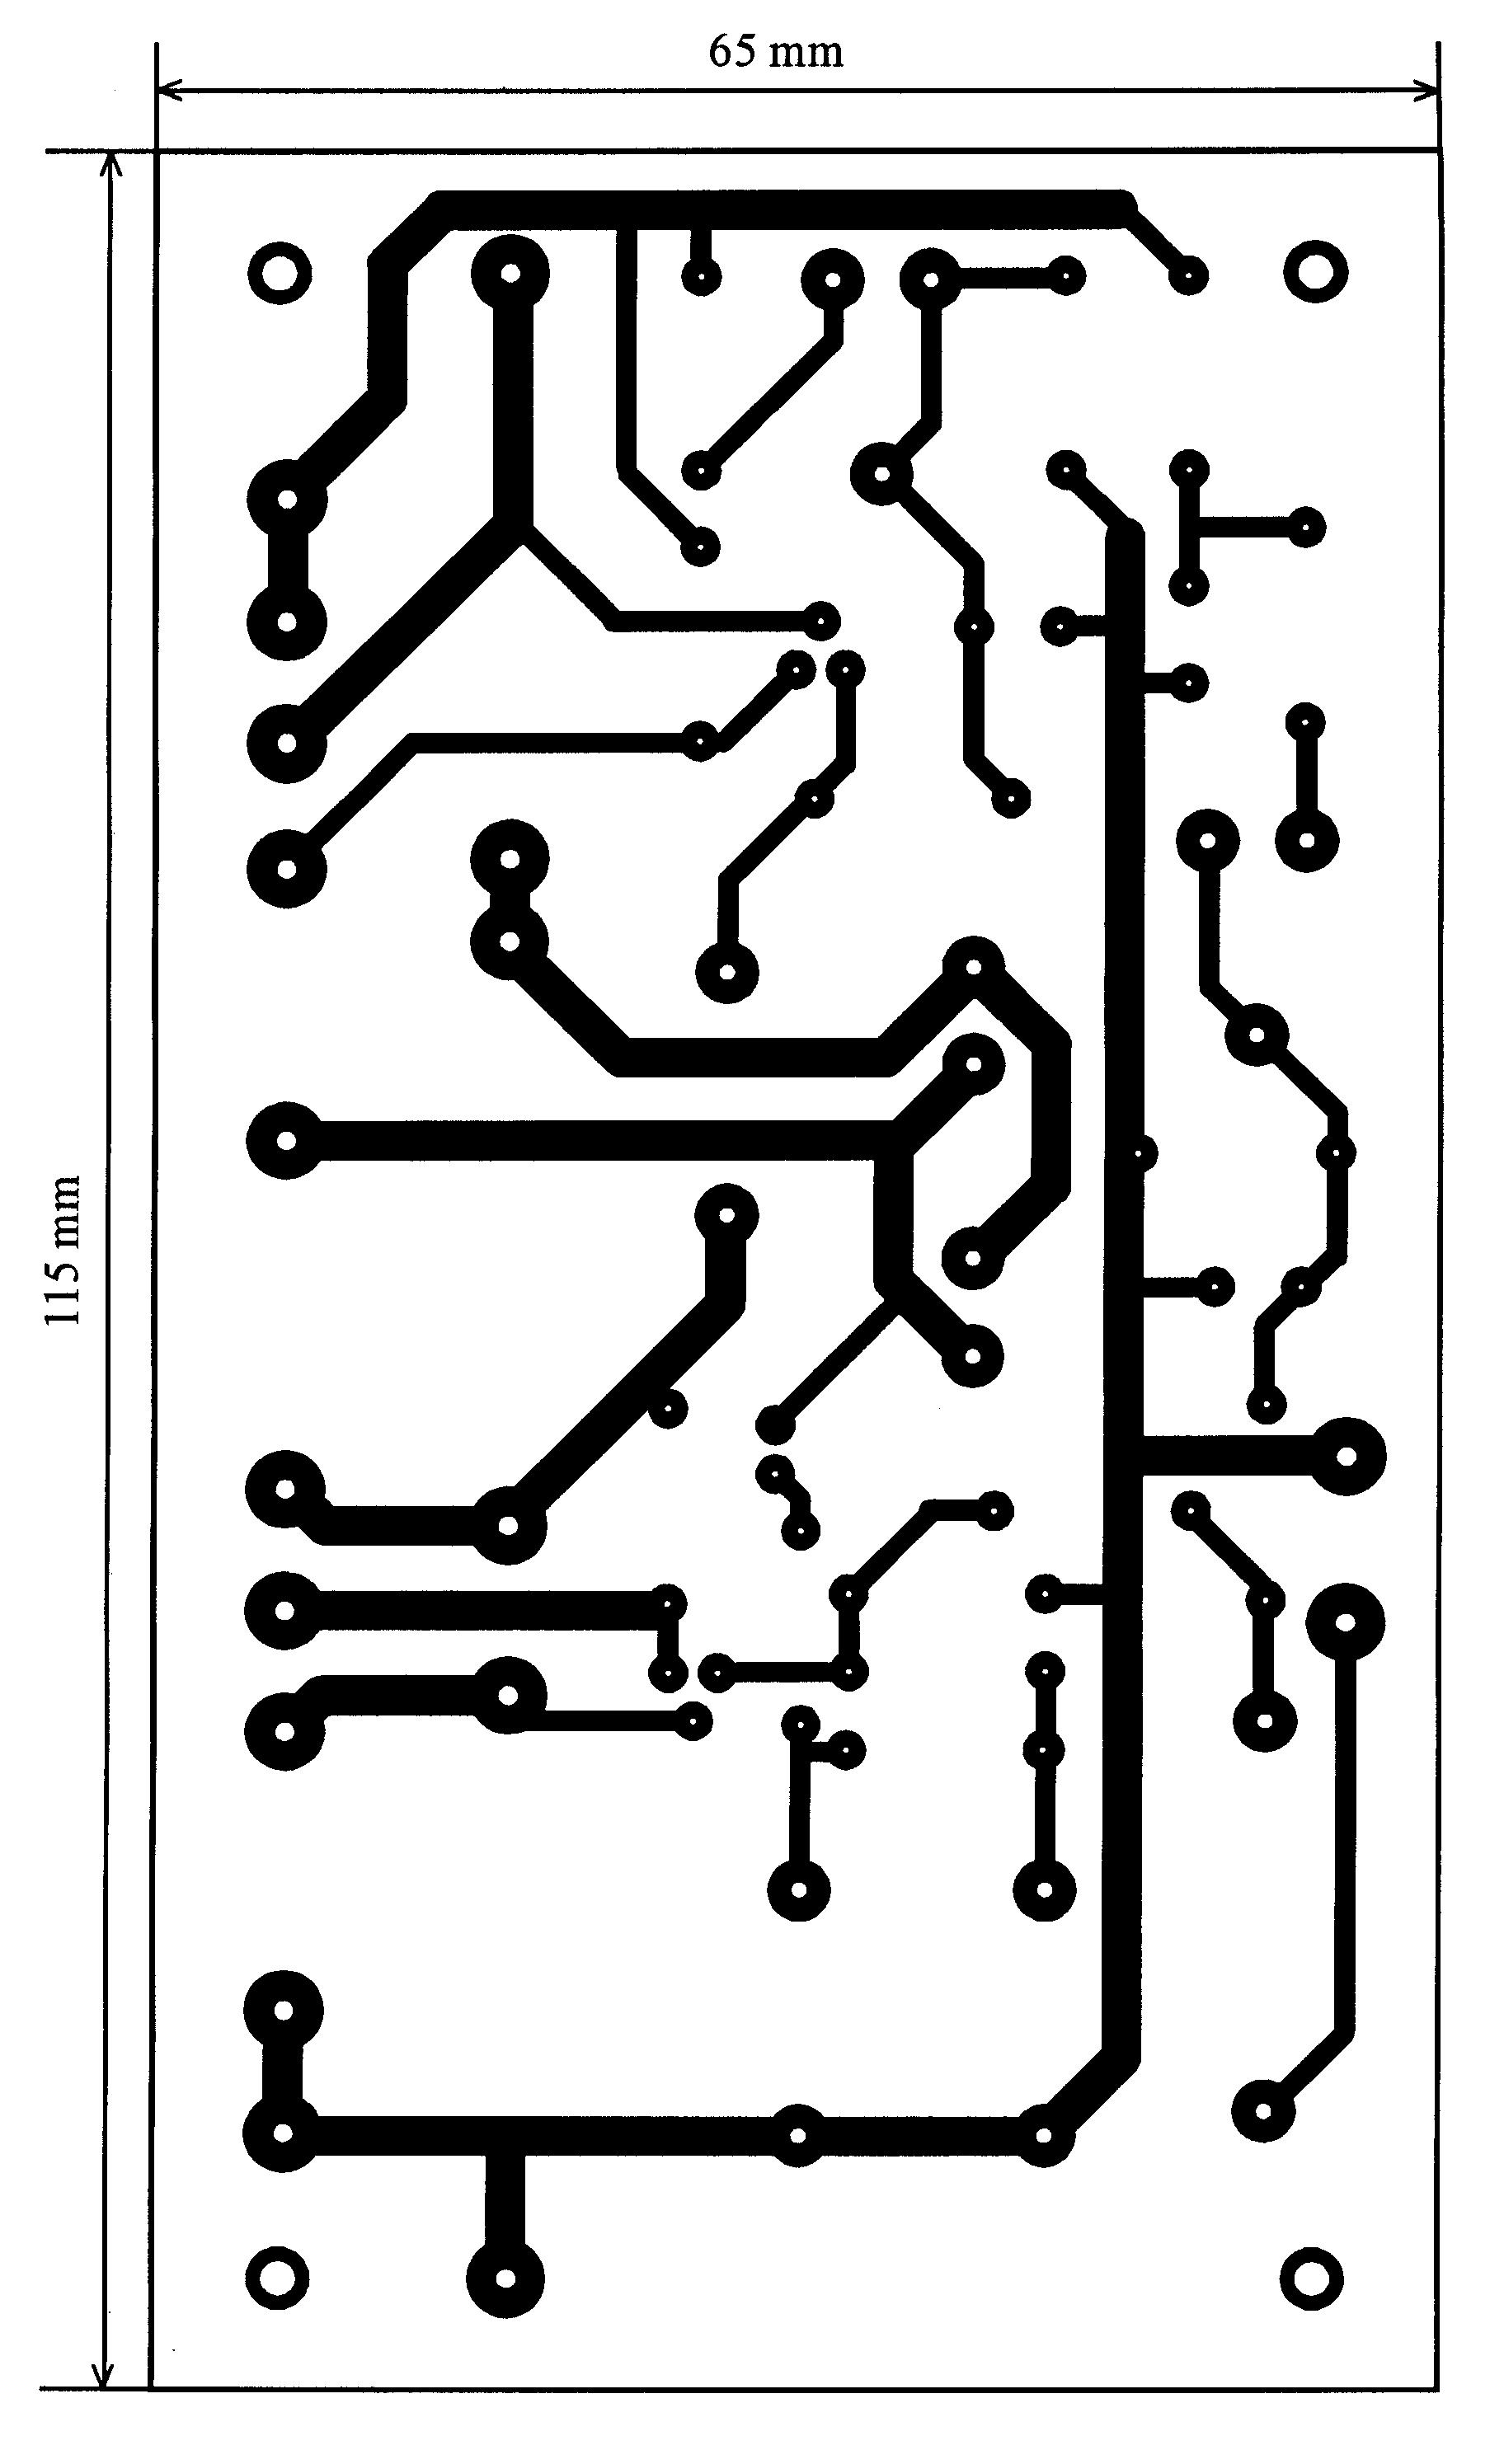 схема гирлянды управляемой звуком